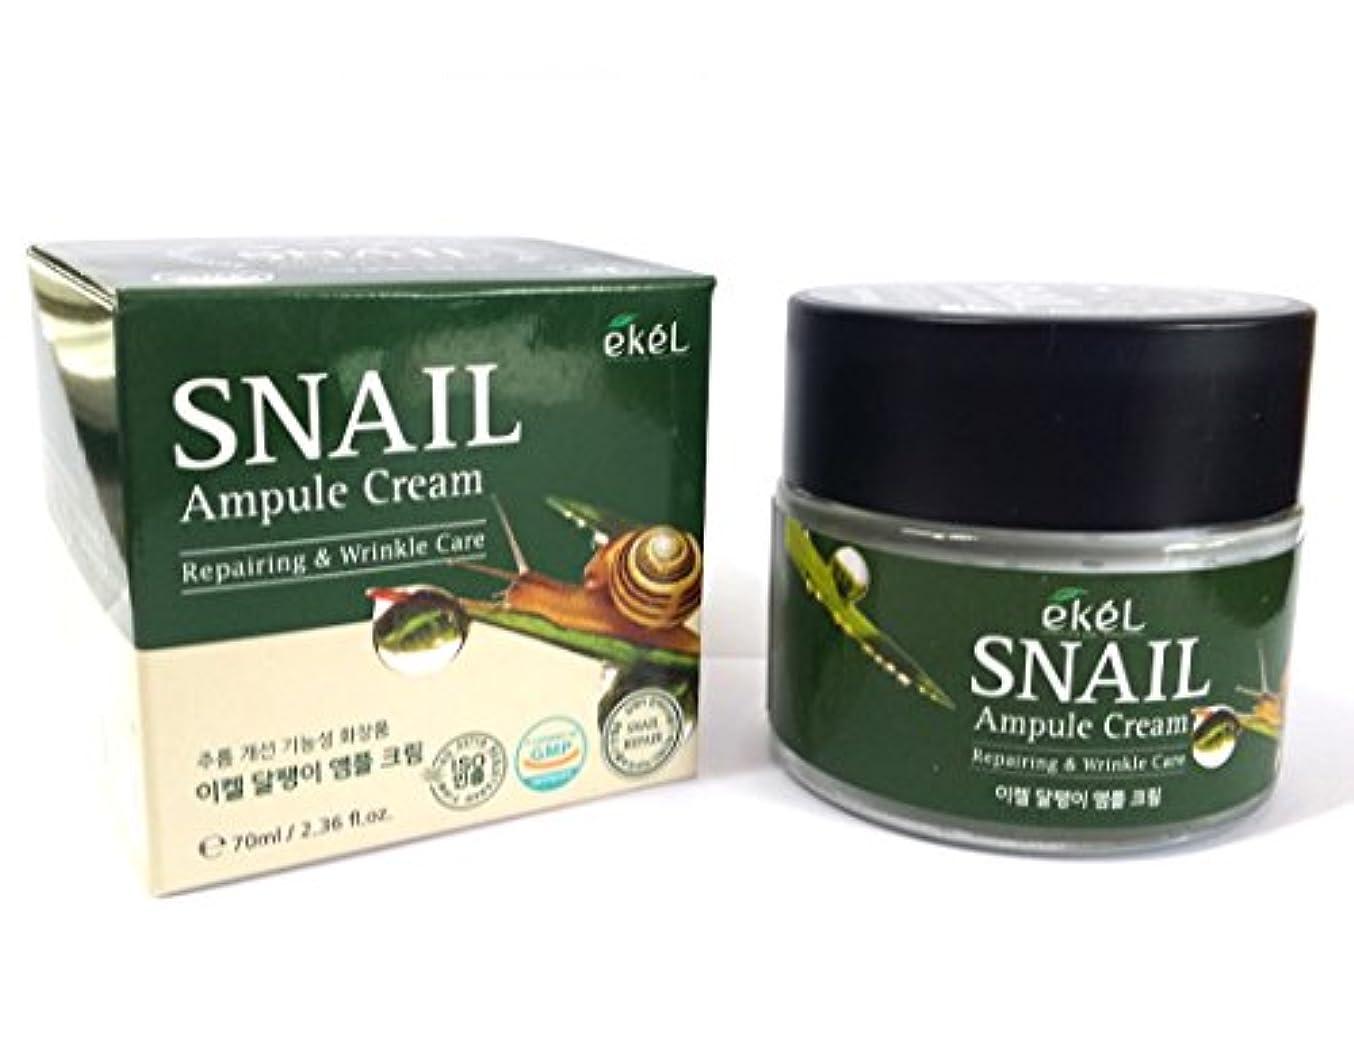 大胆な娯楽ブラウン[EKEL] カタツムリアンプルクリーム70ml / Snail Ampule Cream 70ml / / リペアリング&リンクルケア / ハイドレーティングクリーム / Repairing & Wrinkle Care...